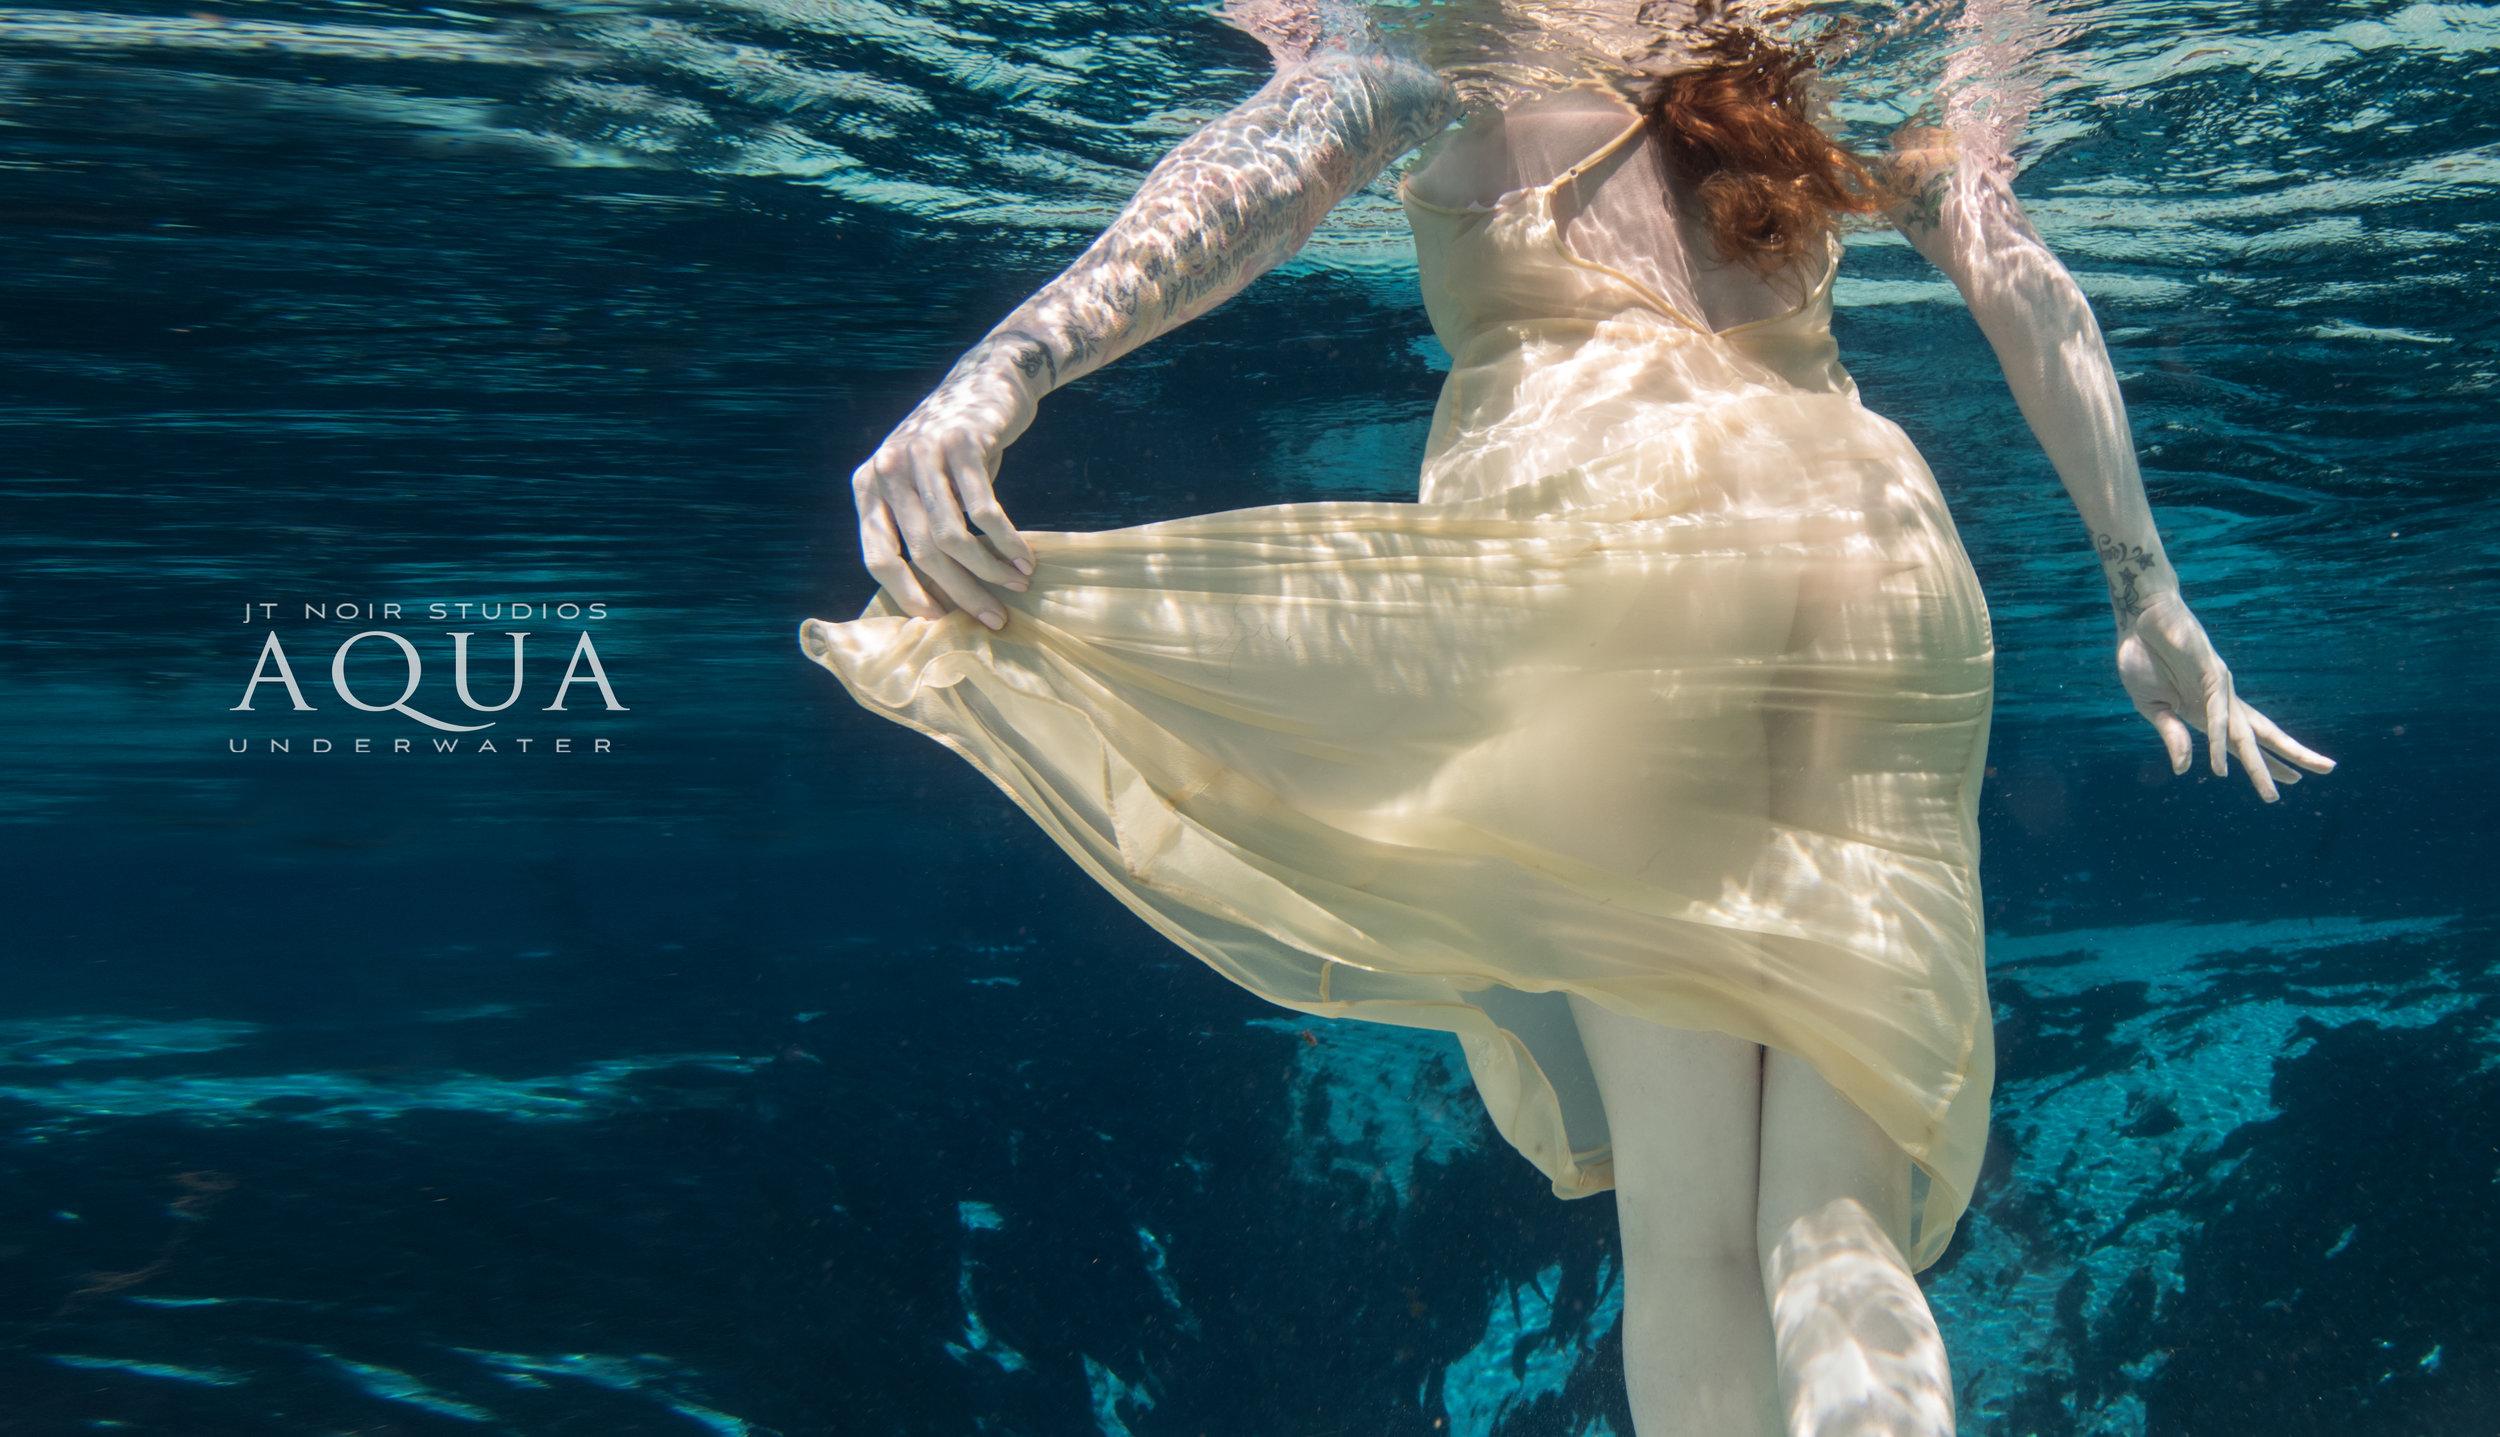 JTAqua_Underwater_Boudoir_Nude_SilverglenSprings.jpg